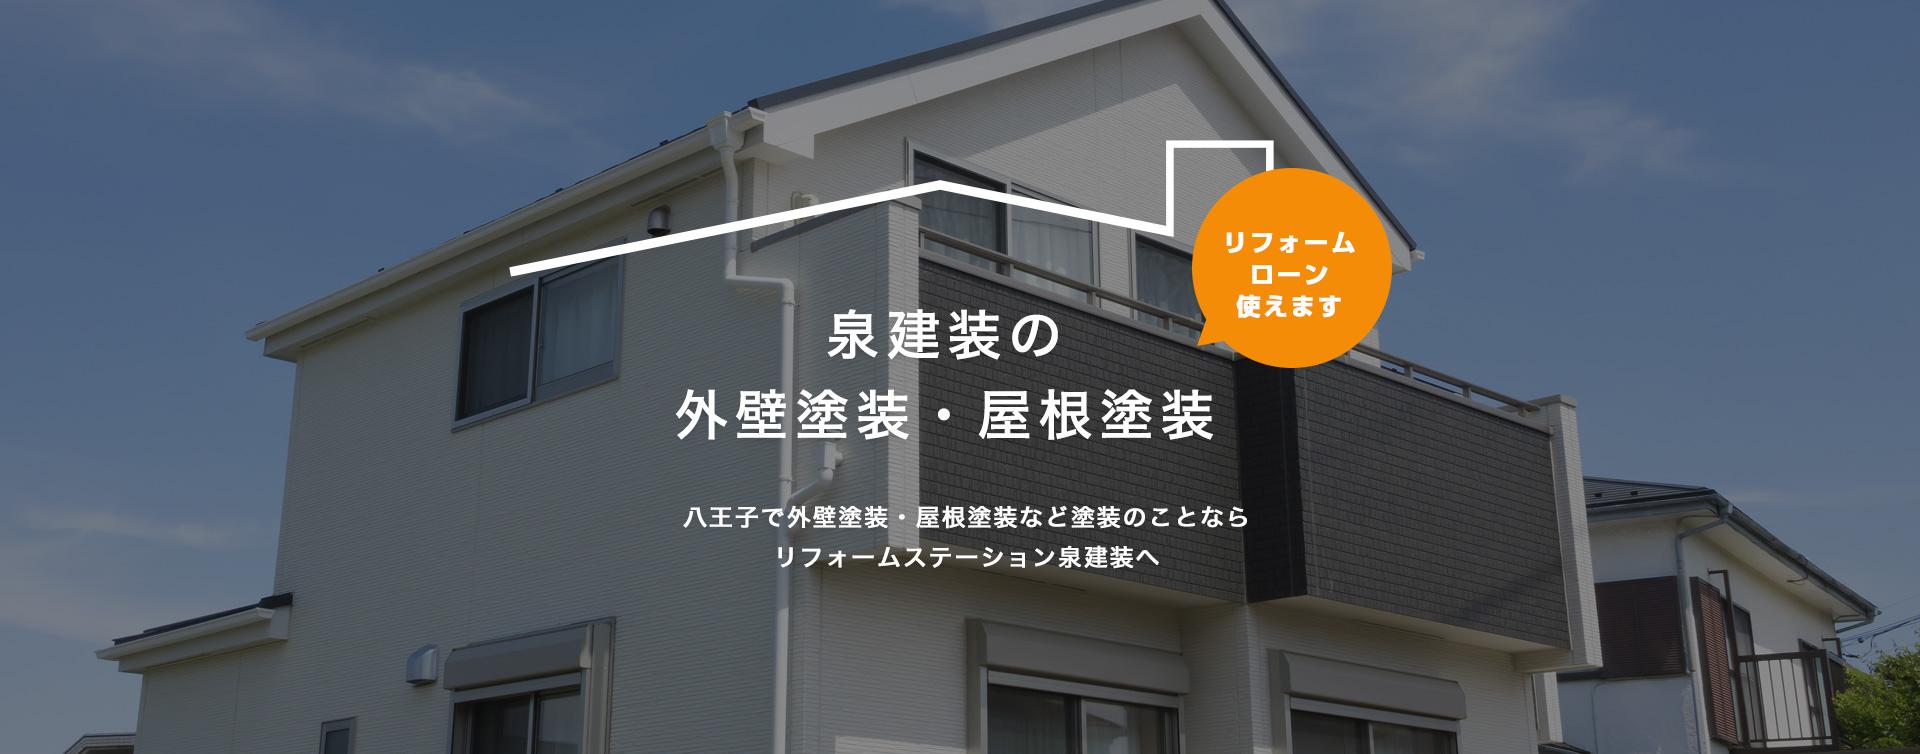 泉建装の外壁塗装・屋根塗装